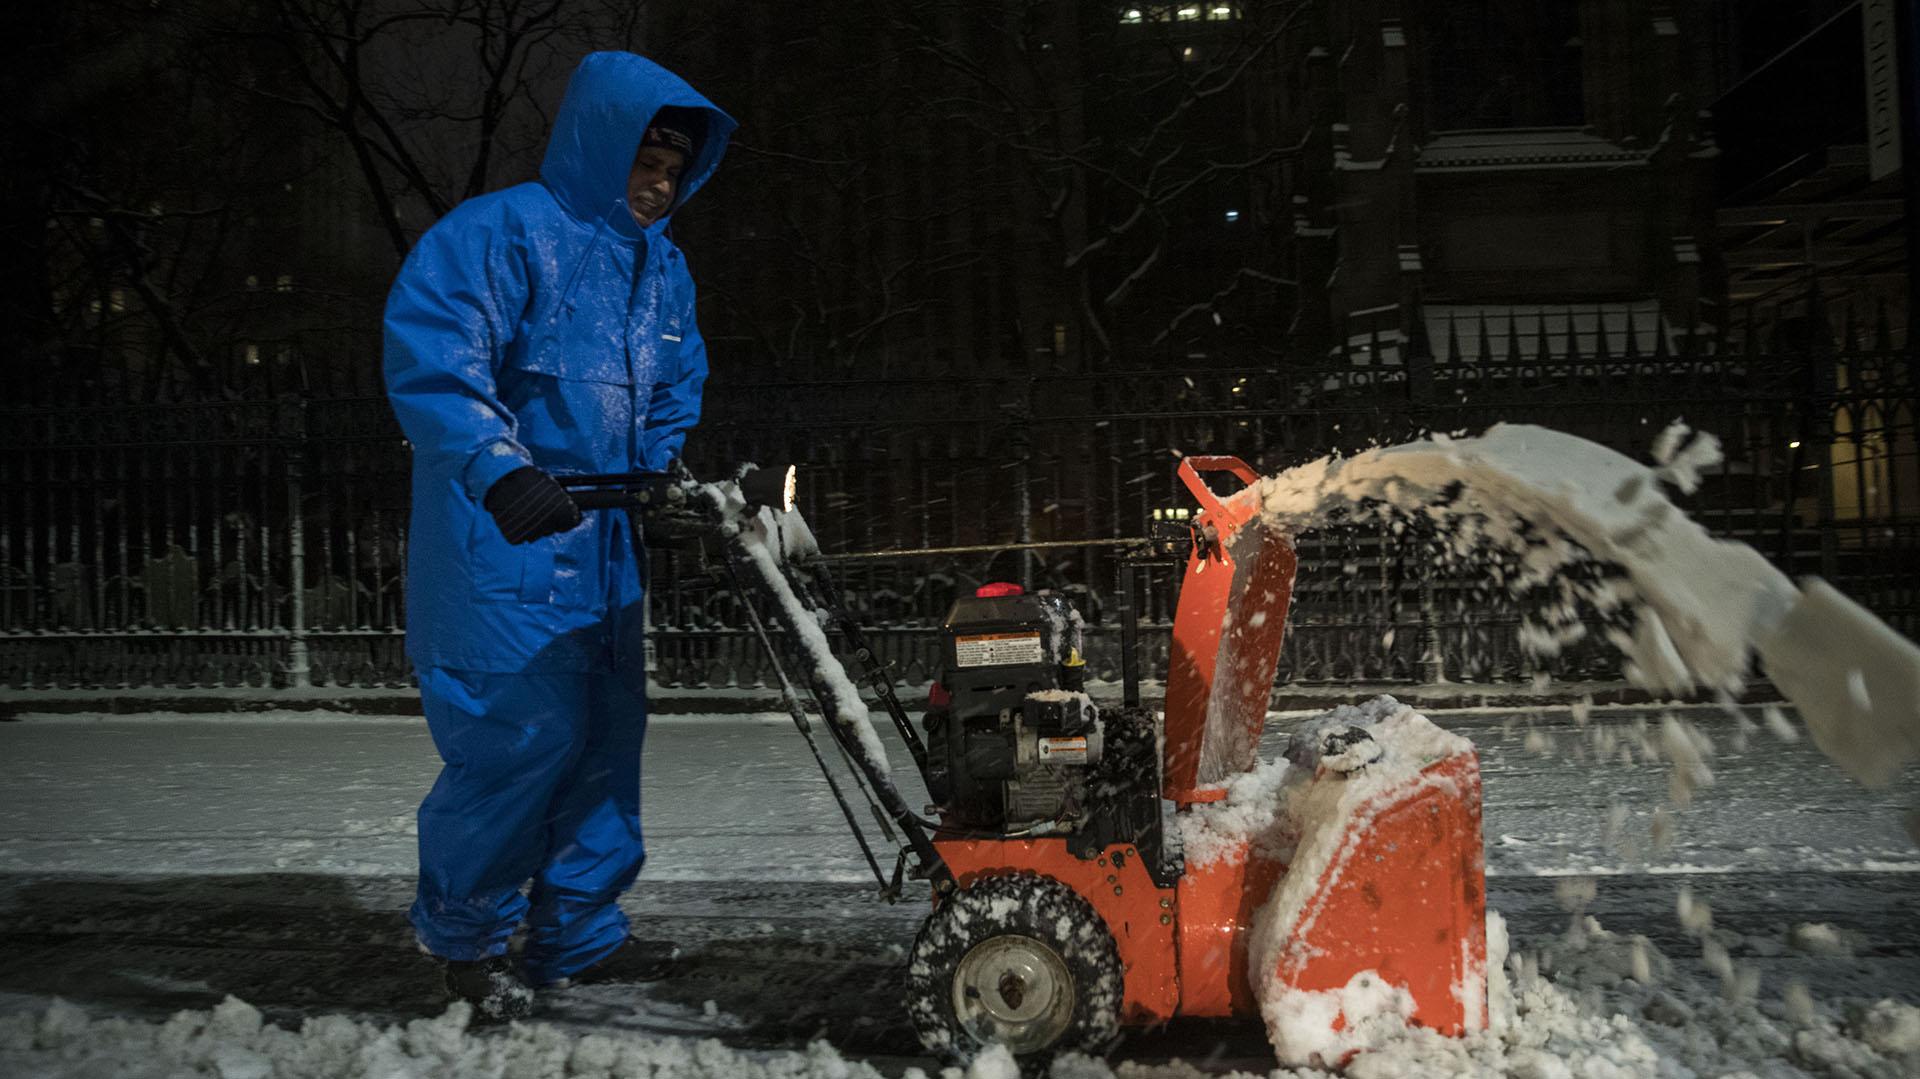 Un trabajador municipal limpia la nieve en el Distrito Financiero